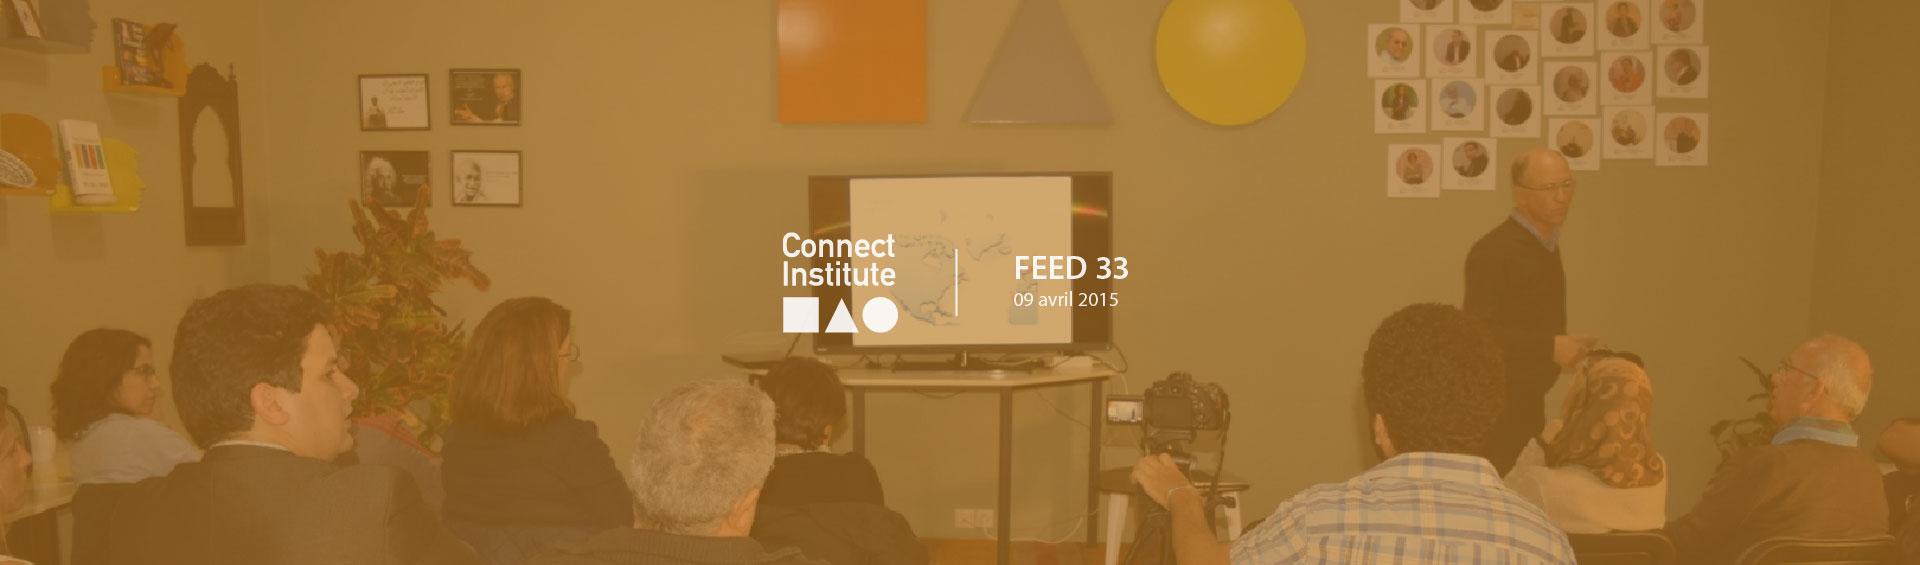 FEED 33